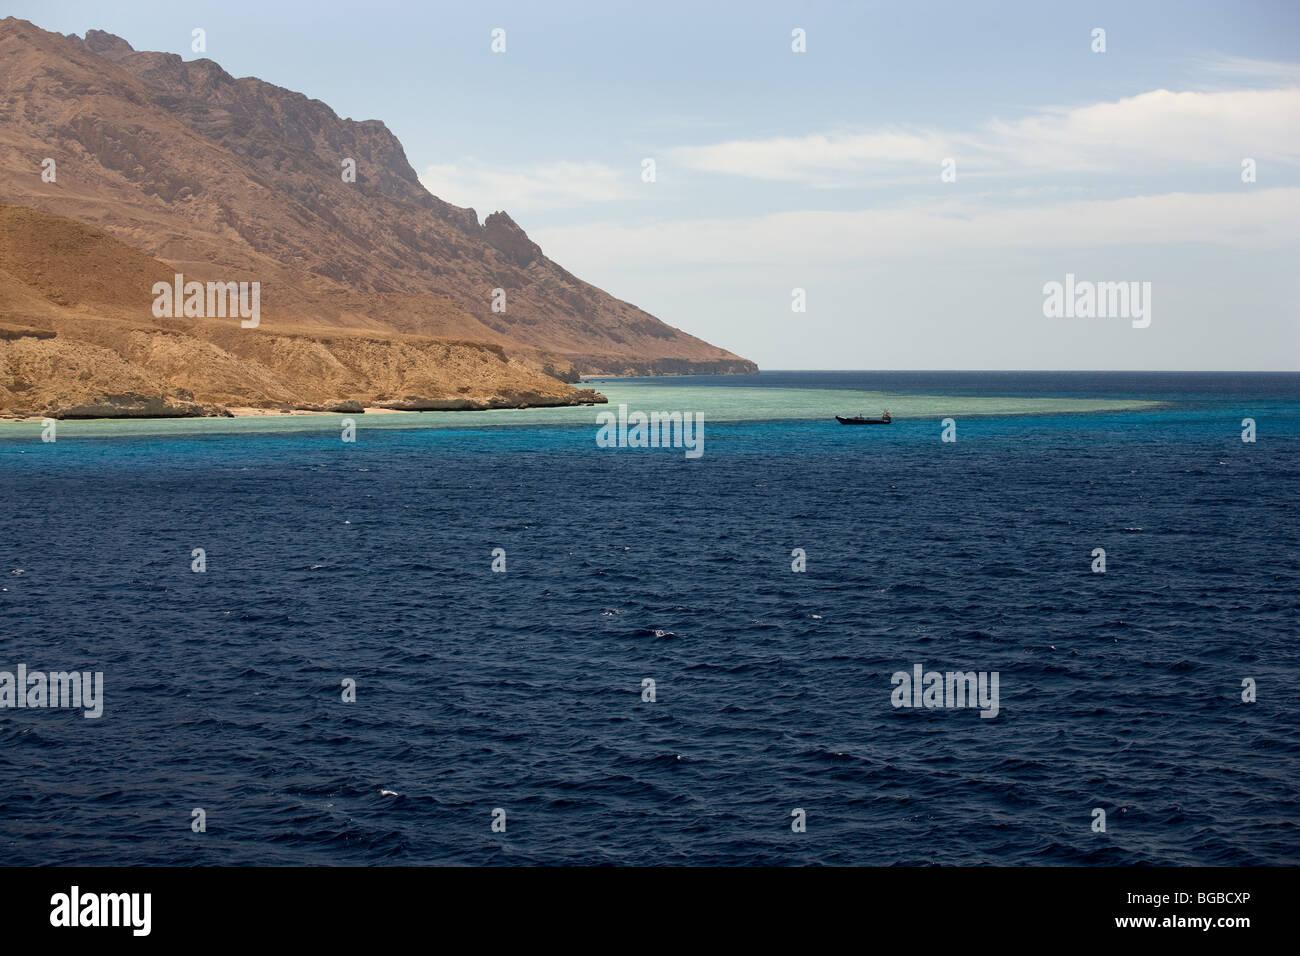 Afrika, Ägypten, Sharm el Sheikh, Tiran Insel, Boot, Meer, Küste, Farben Stockbild